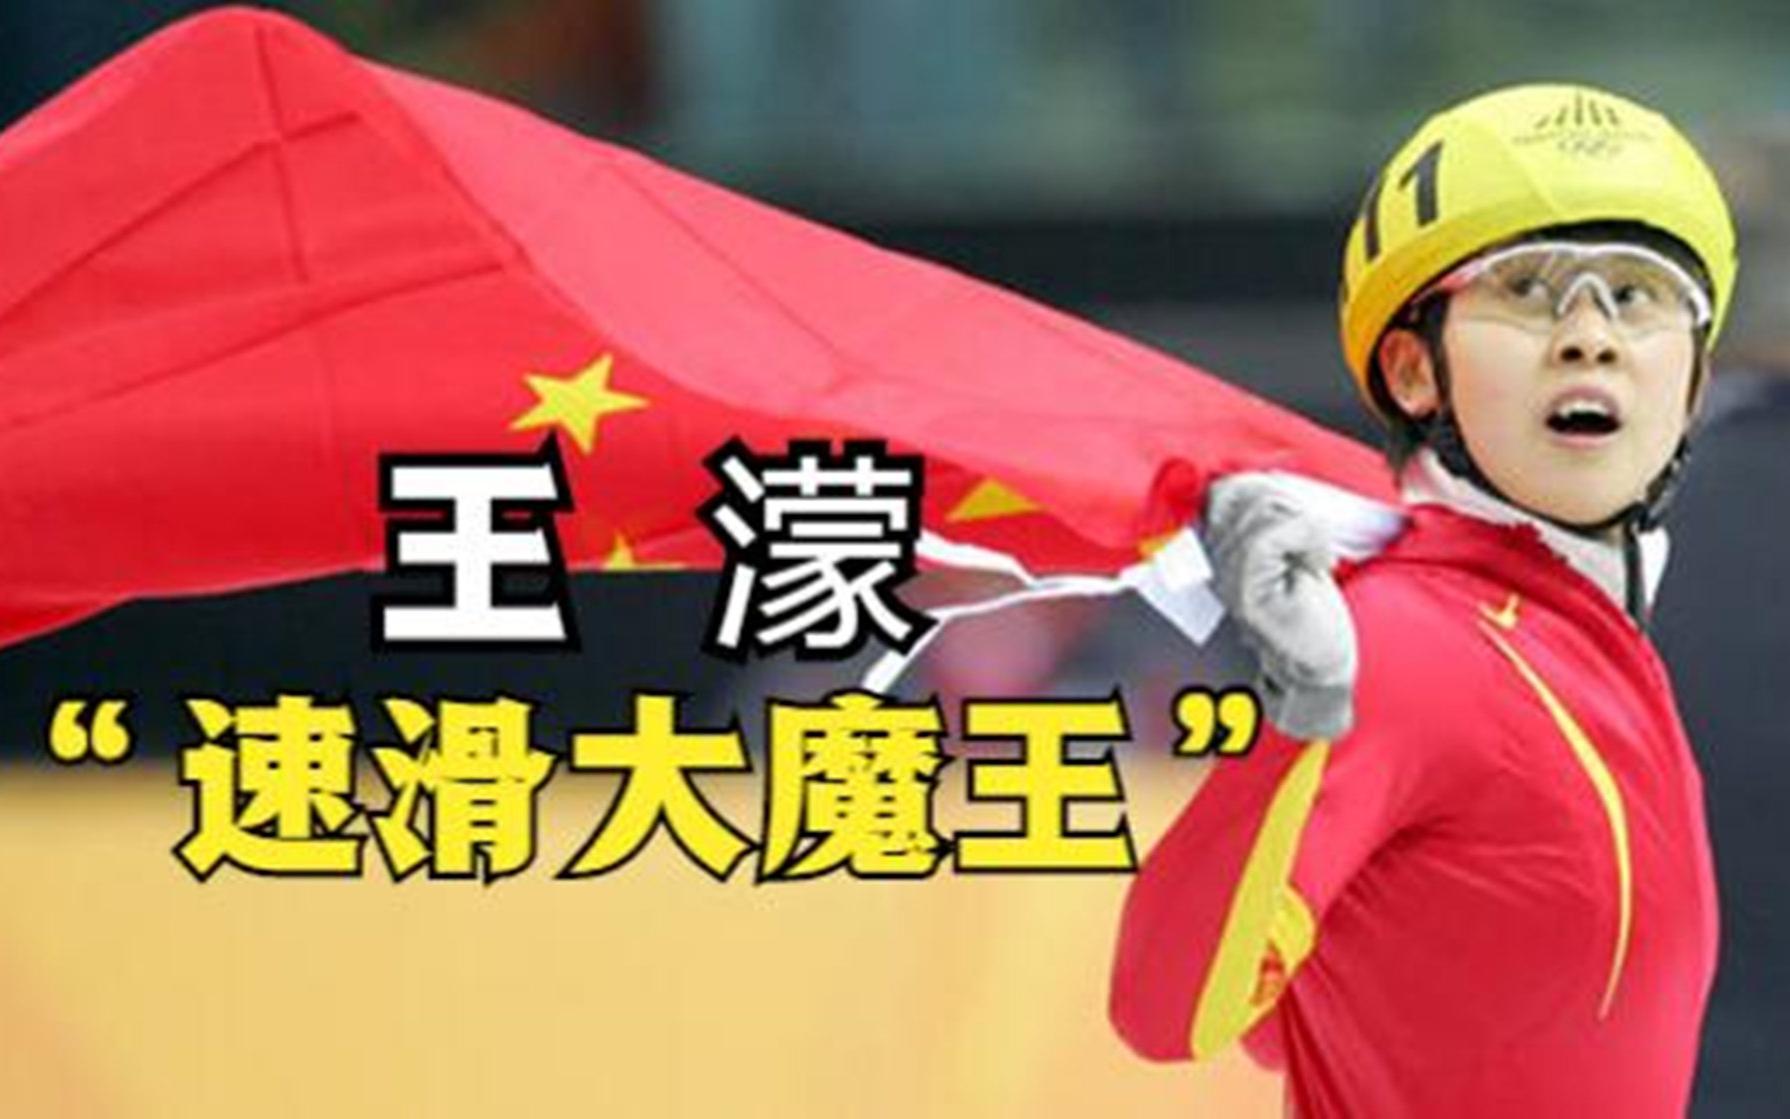 【抗韩先锋王濛】她参赛了多少年,韩国人就绝望了多少年!